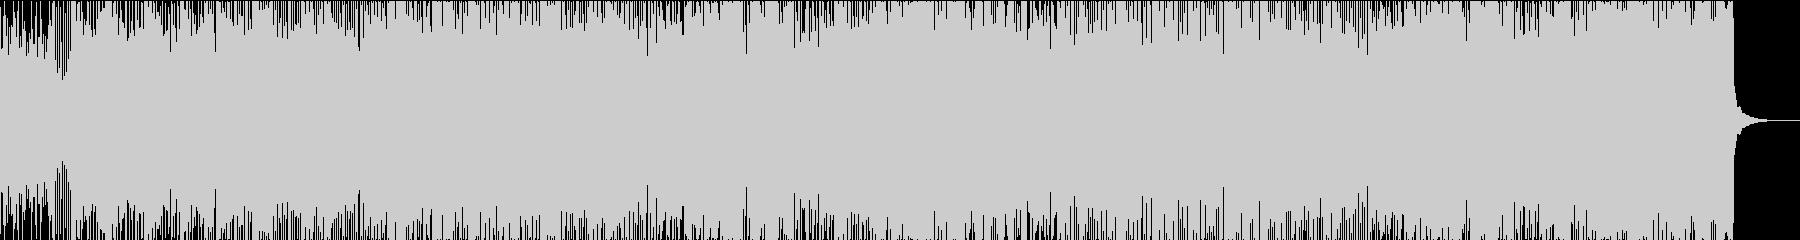 バイオリン ピアノ 戦闘シーンの未再生の波形